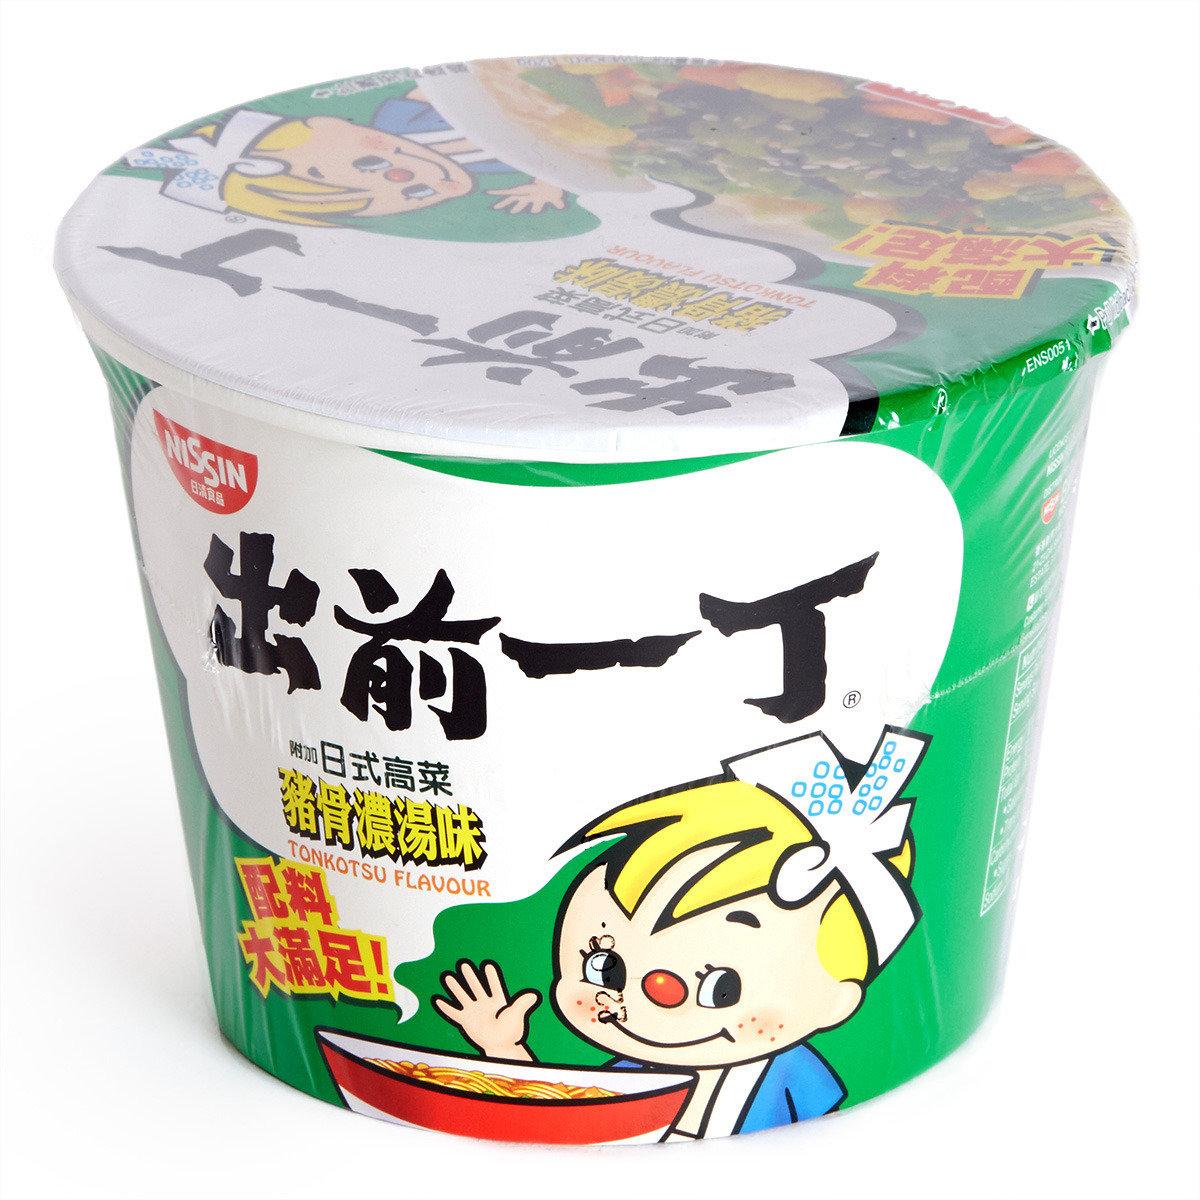 豬骨濃湯味即食麵 (碗麵)